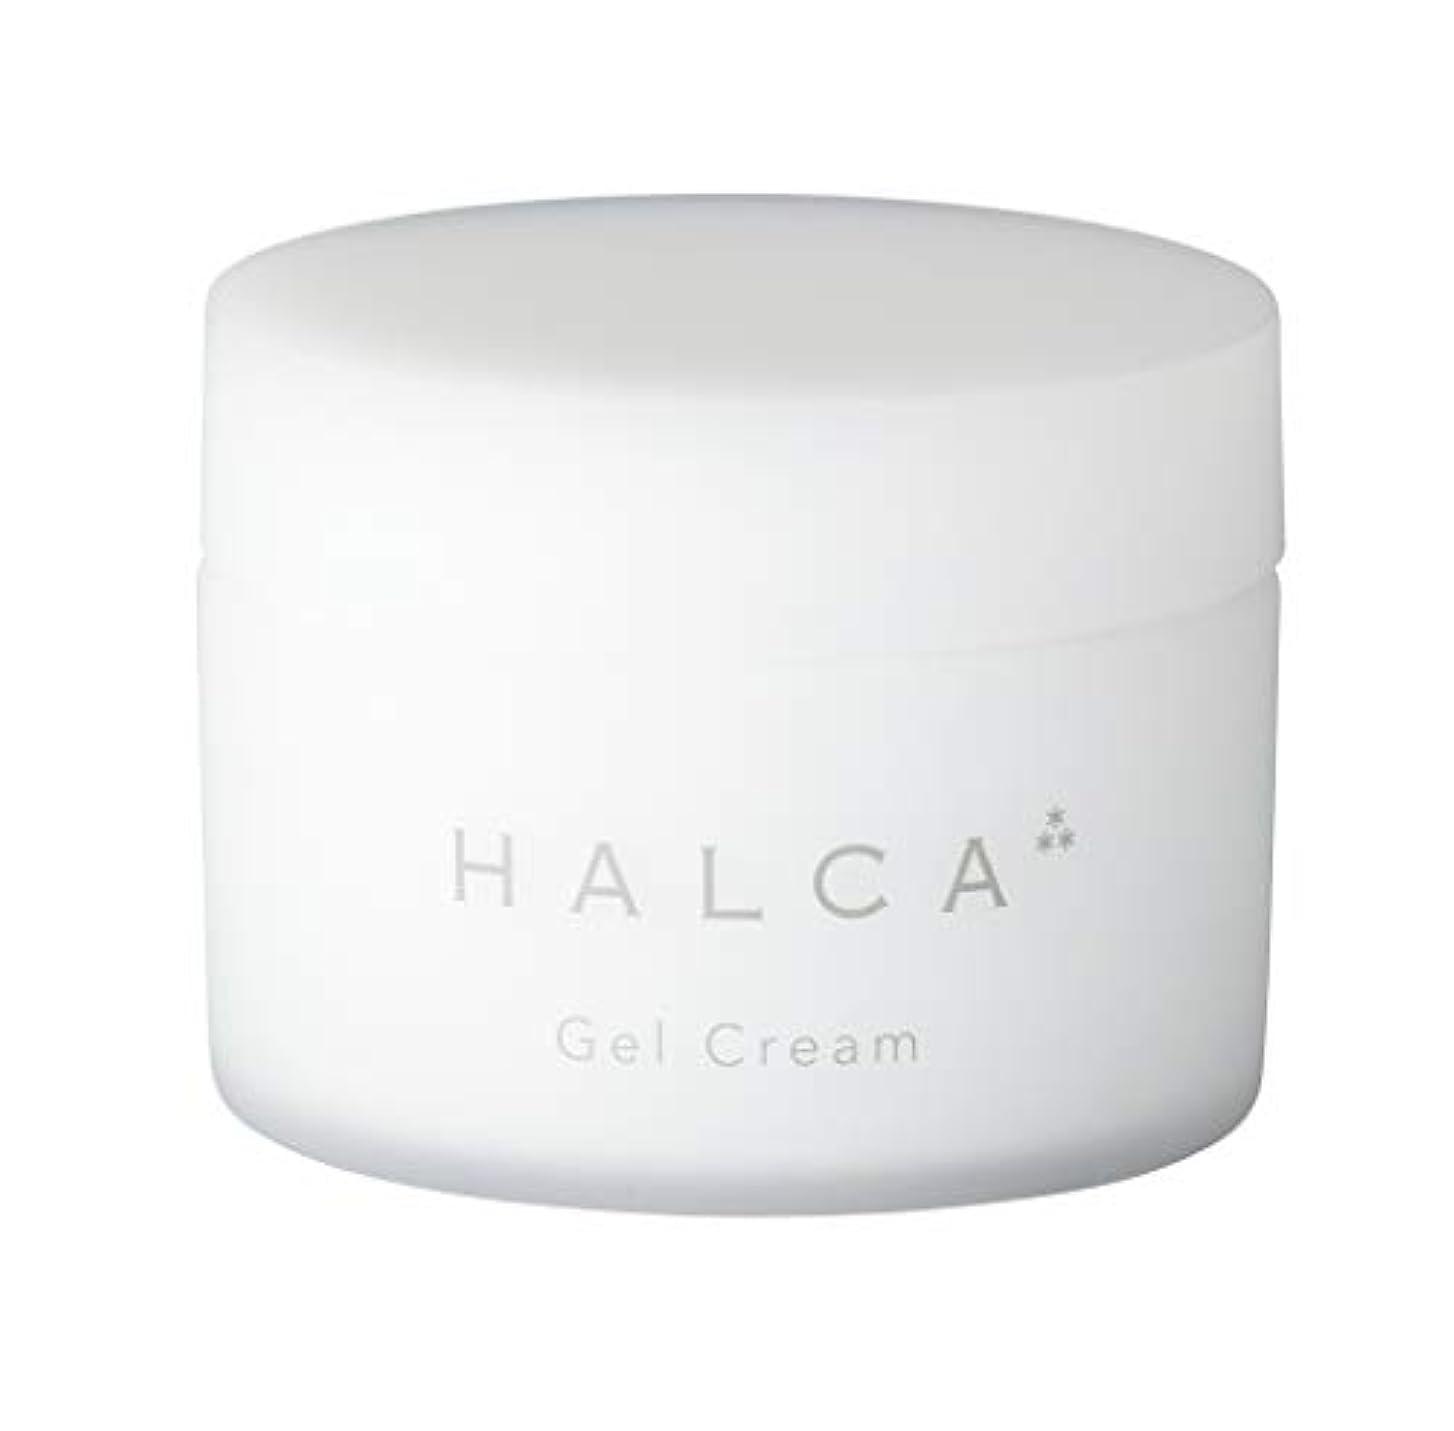 座標決して化粧HALCA ジェルクリーム(保湿クリーム)